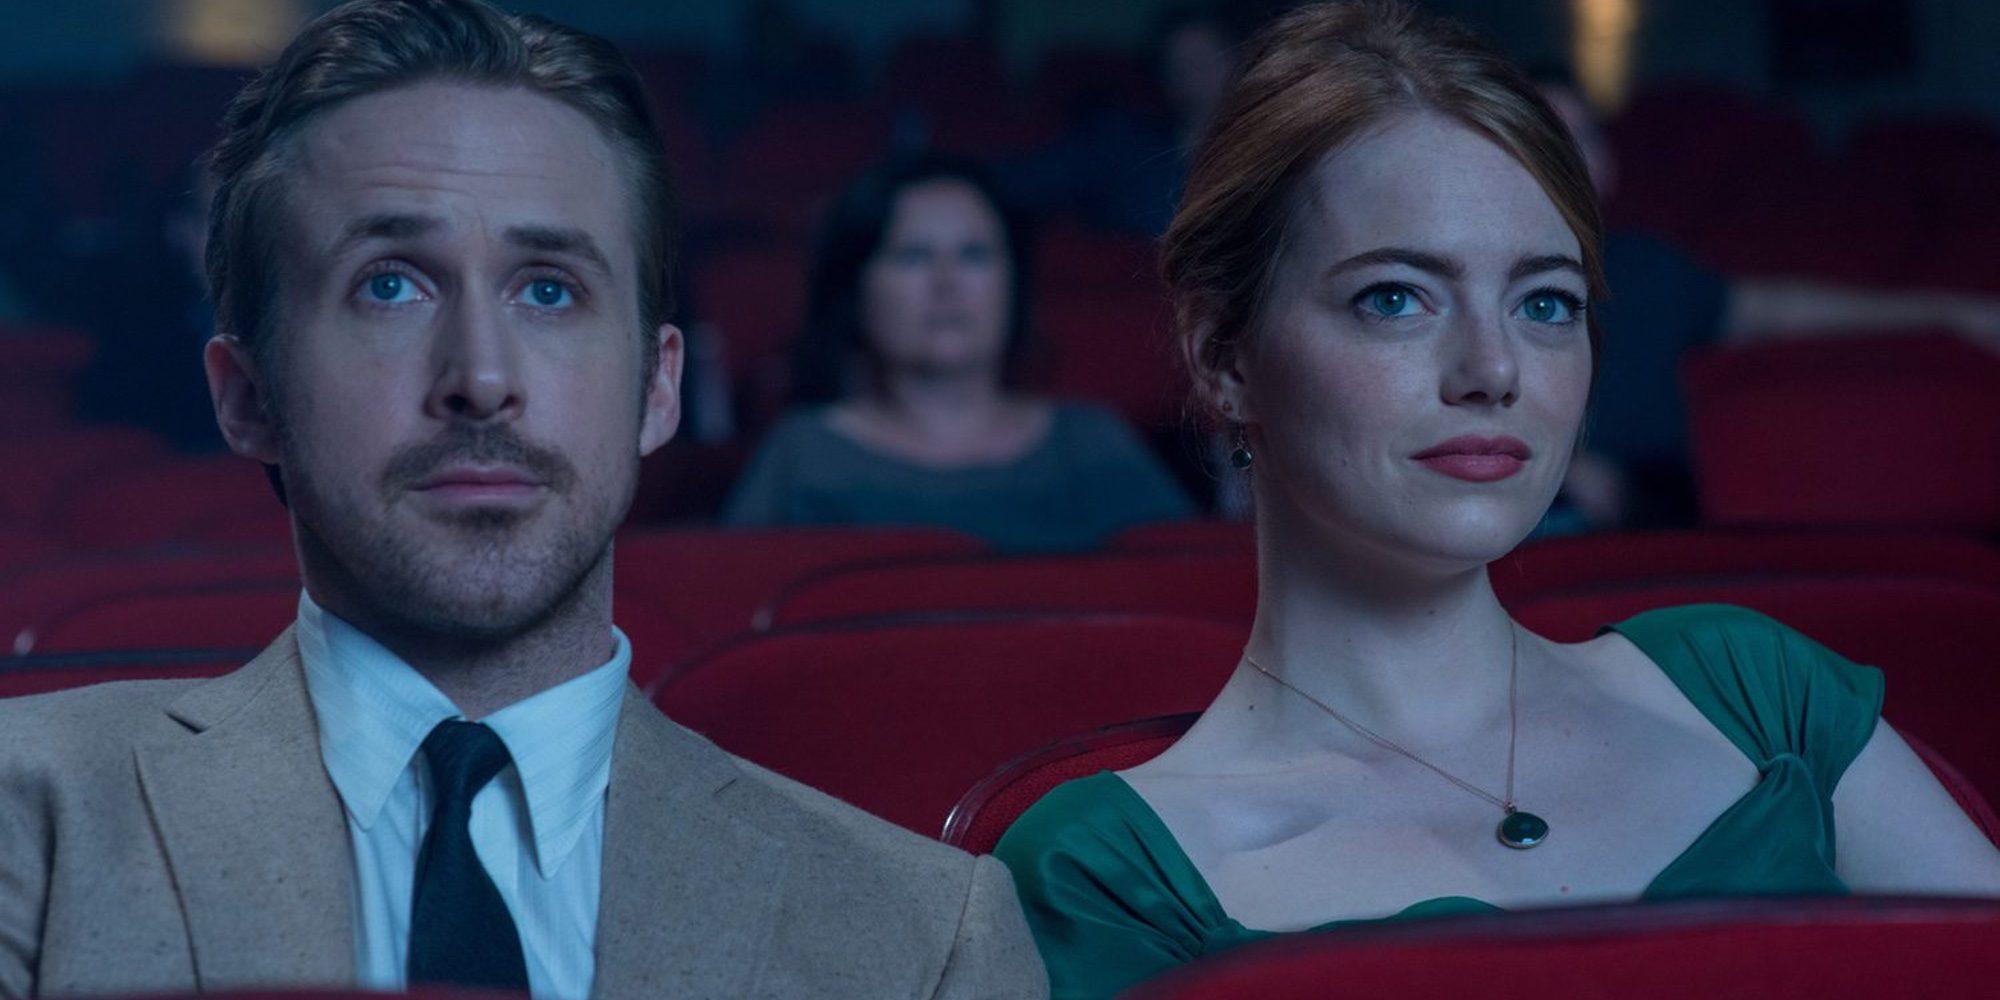 'La ciudad de las estrellas: La La Land' recauda casi 2 millones de euros en su primera semana en España